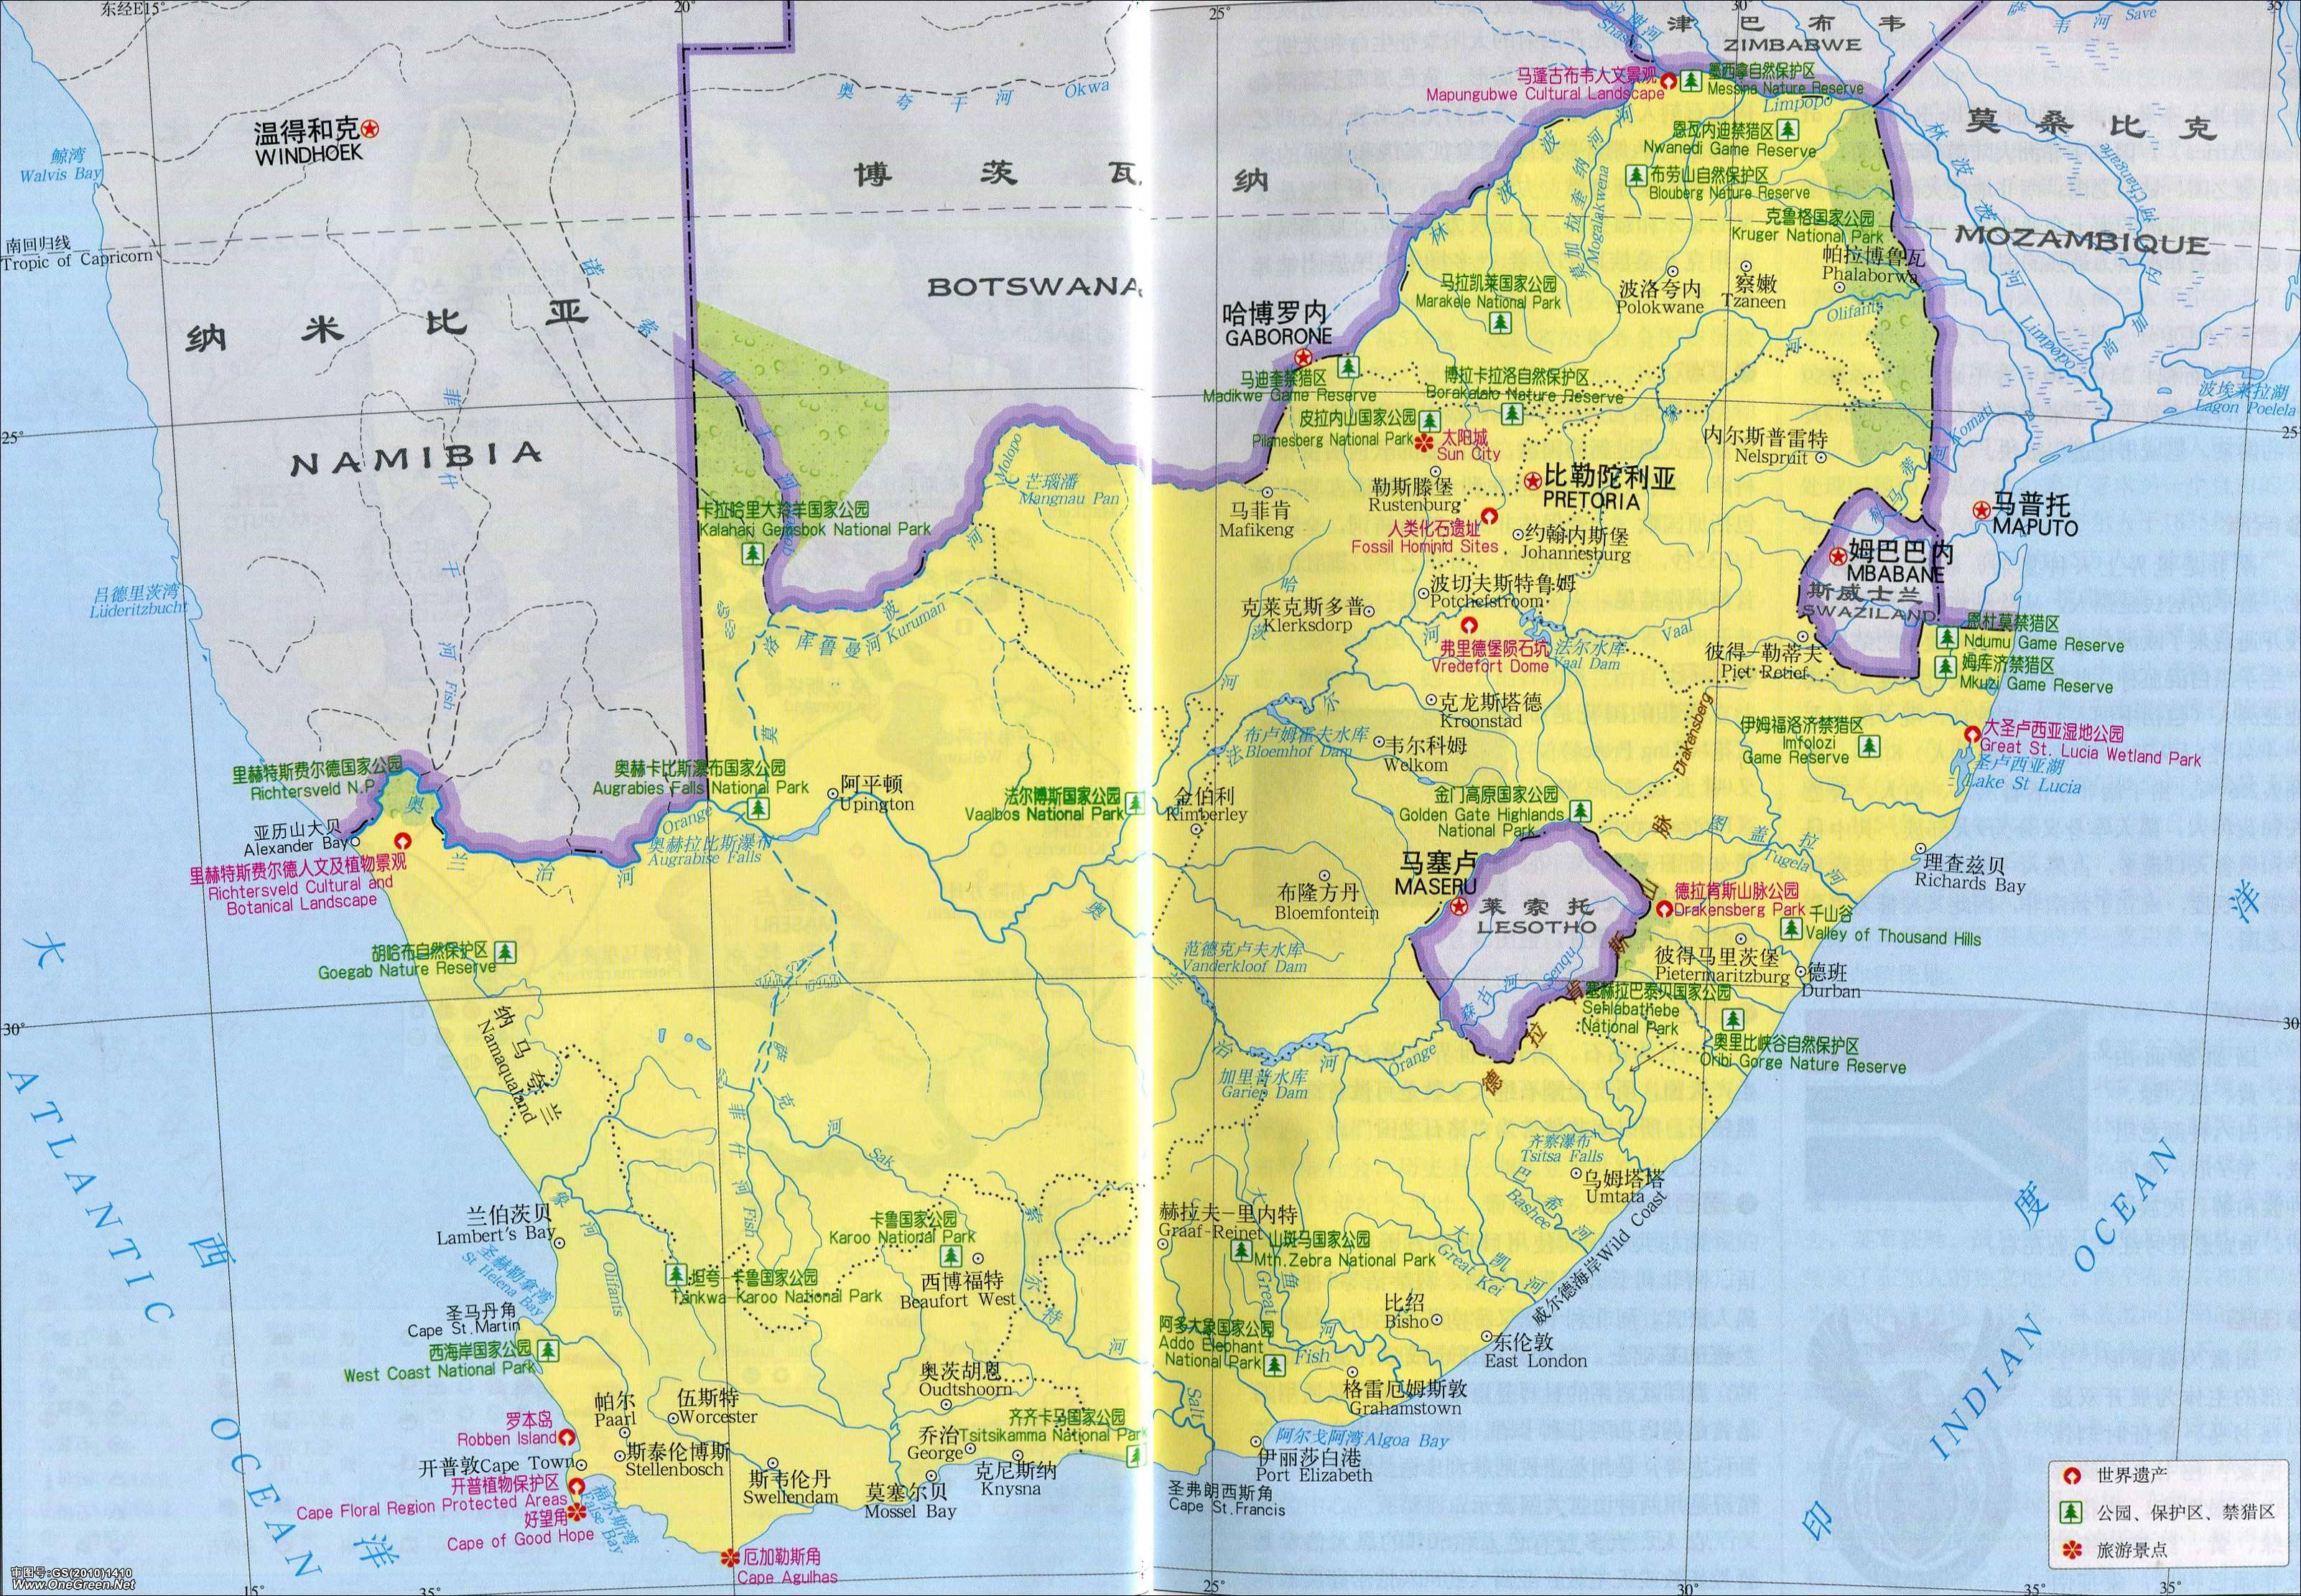 南非旅游风景名胜地图